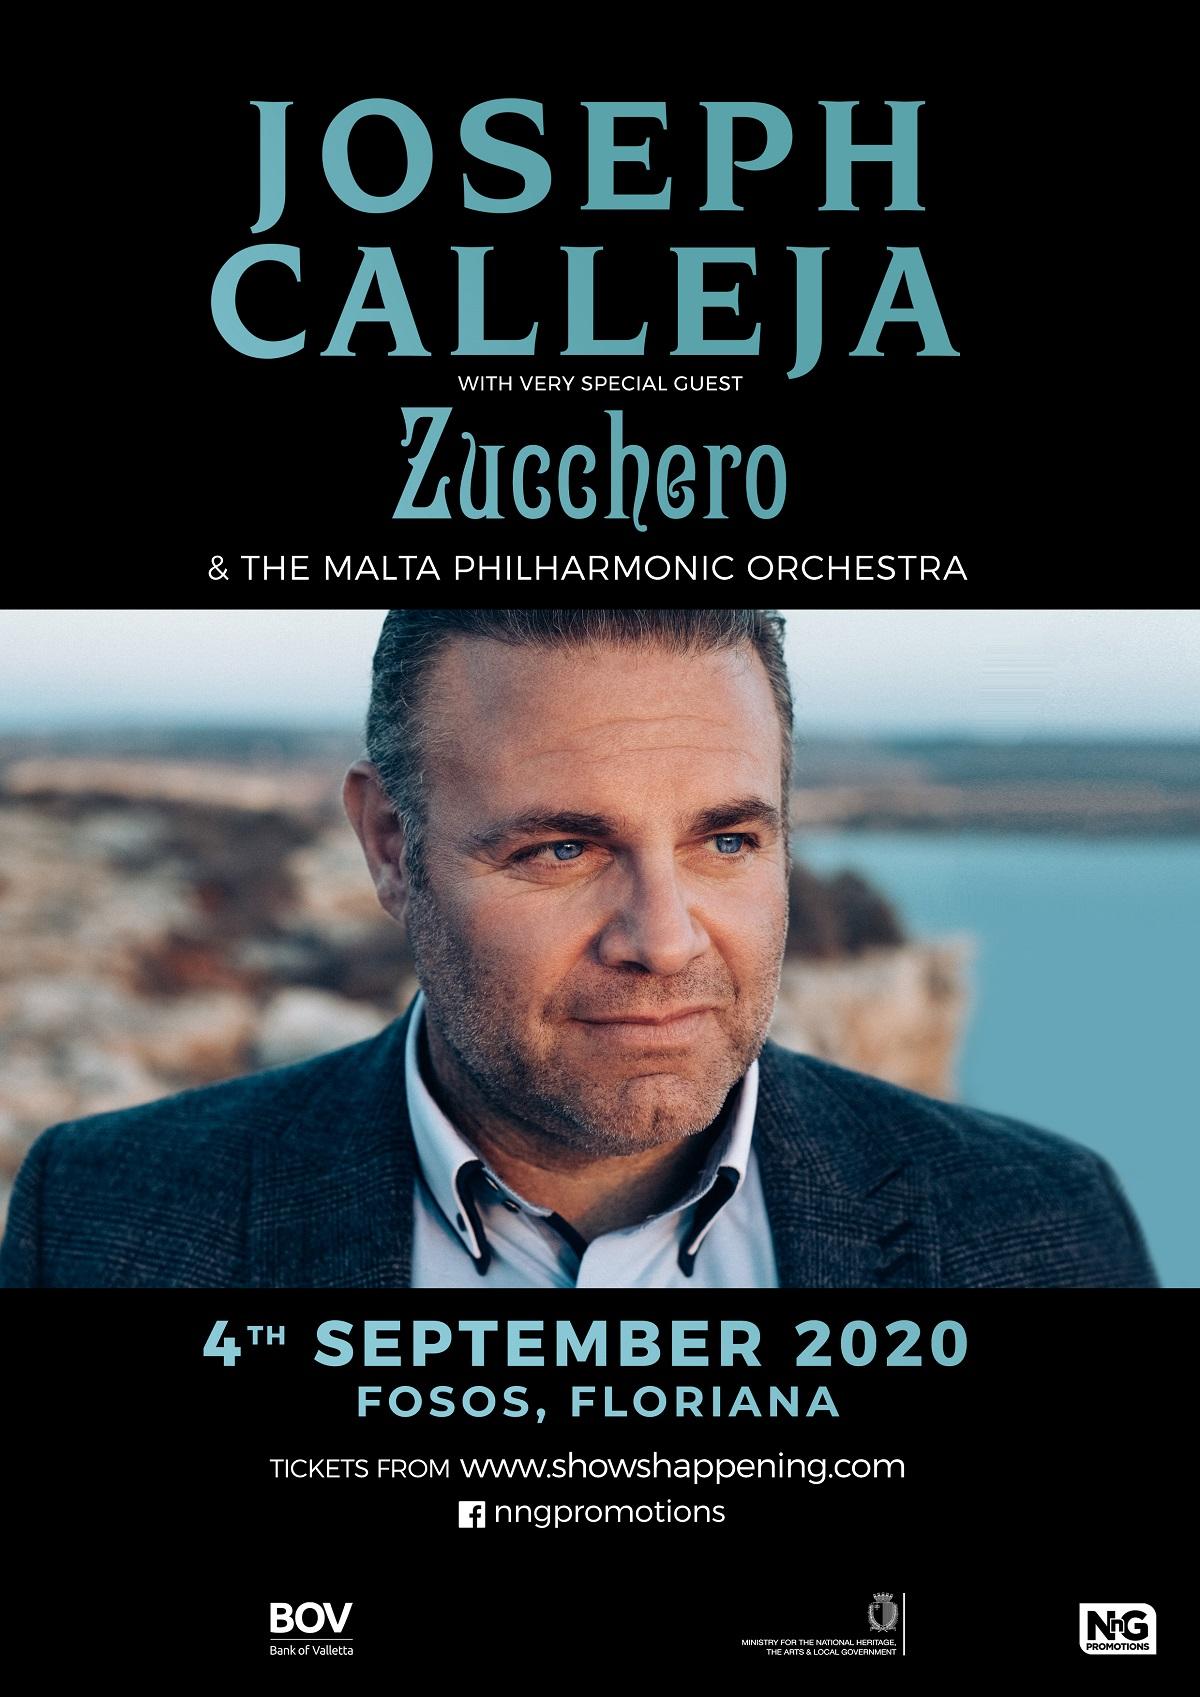 Joseph Calleja 2020